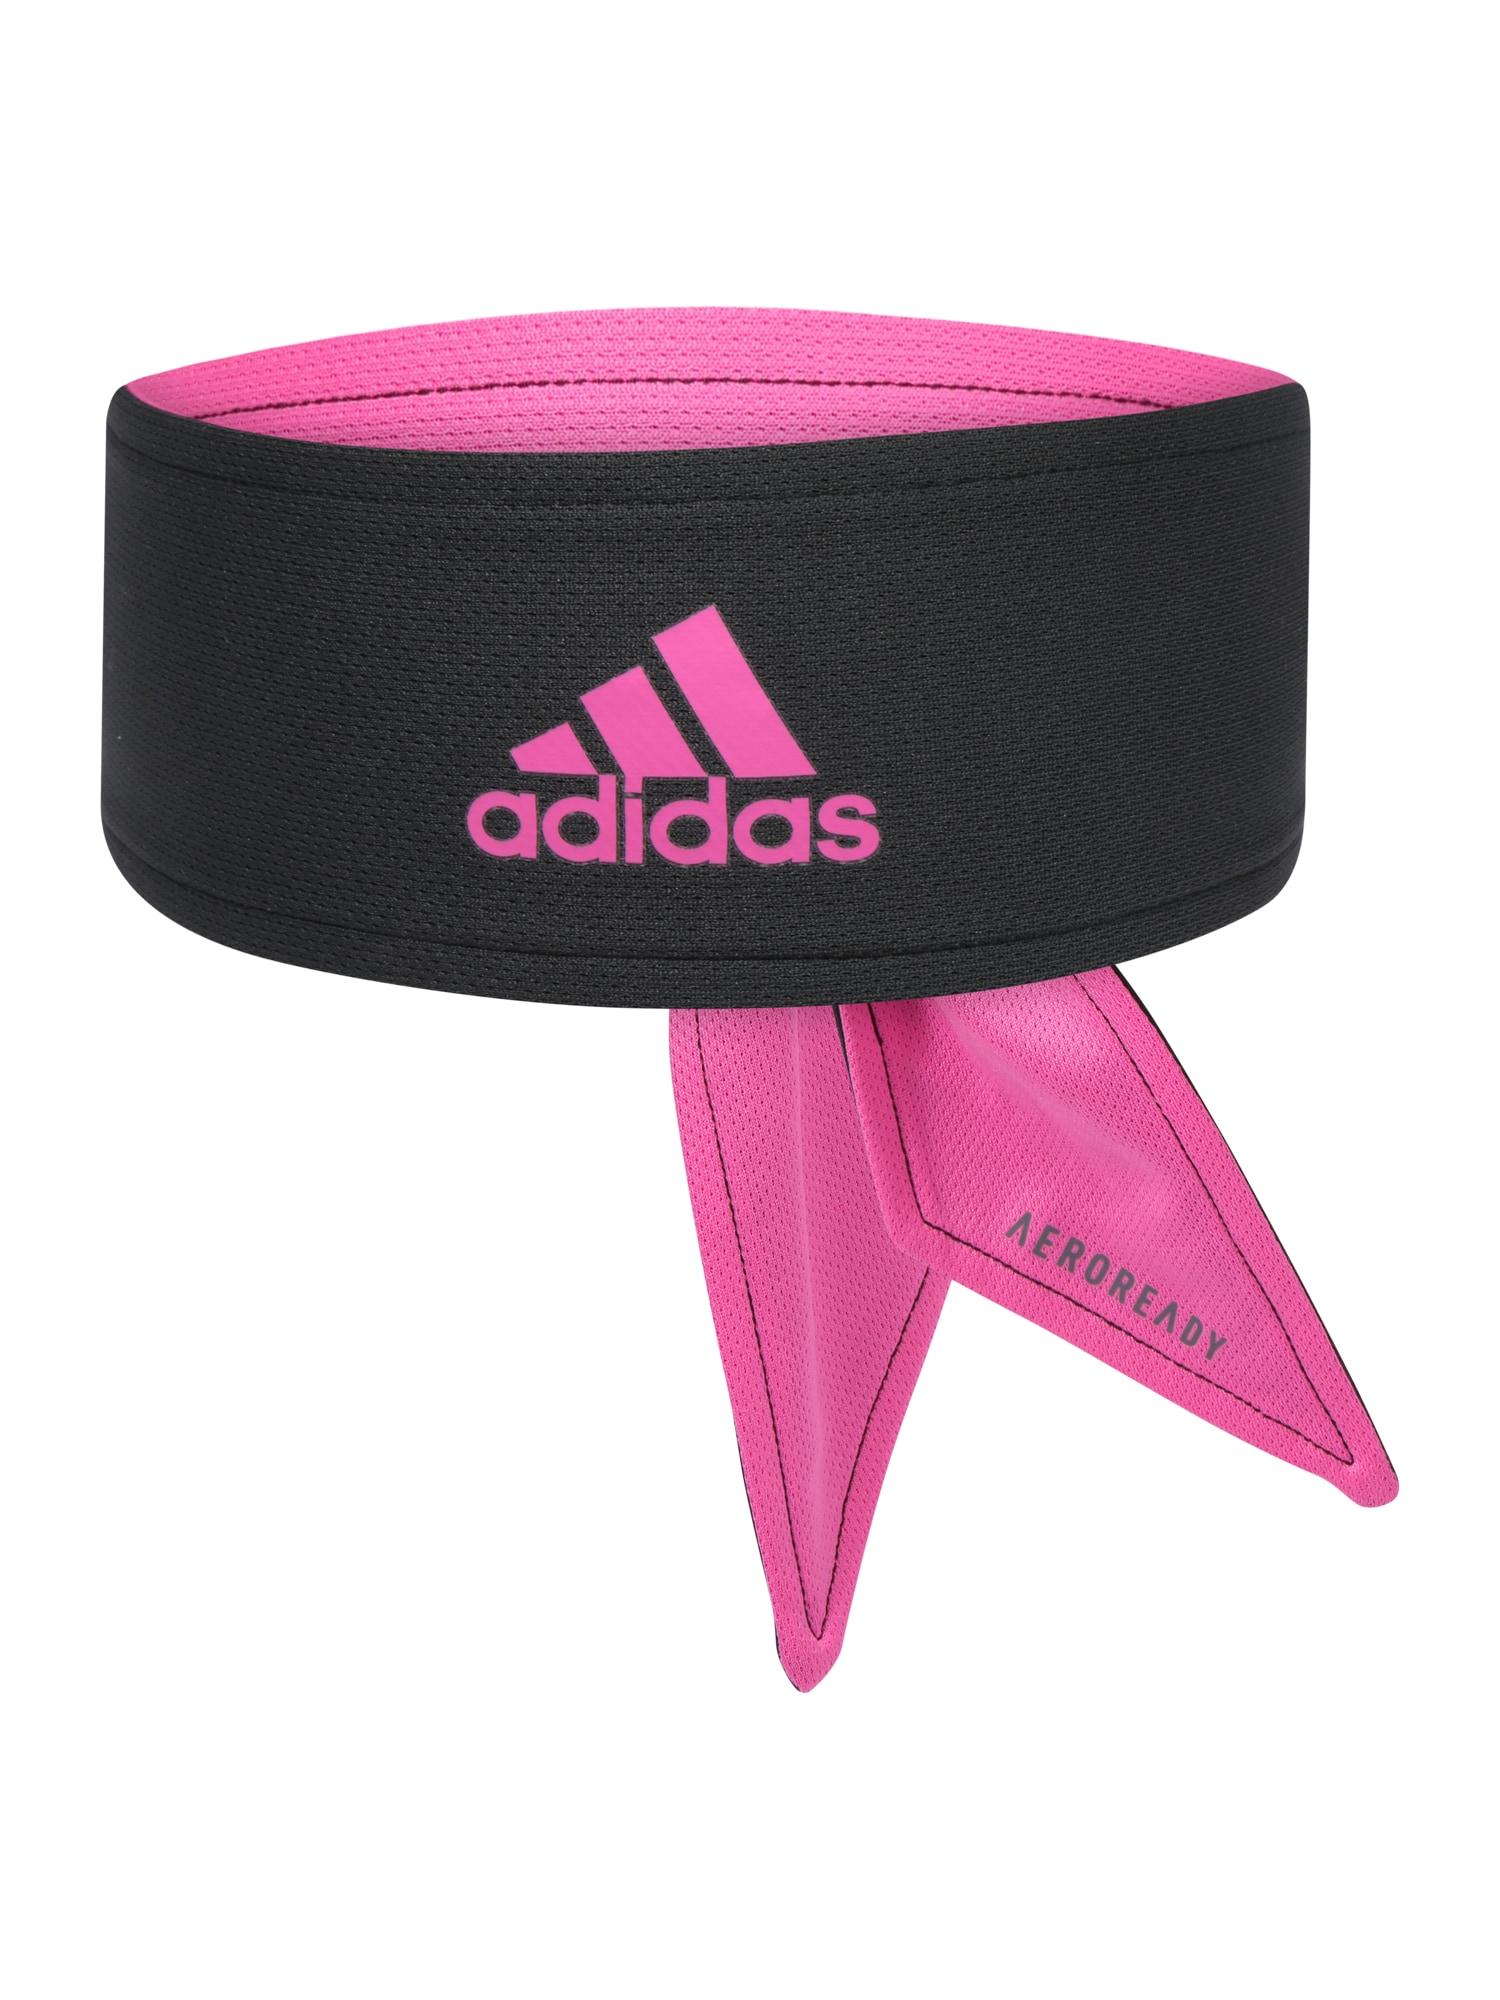 ADIDAS PERFORMANCE Sportinė galvos juosta rožinė / juoda